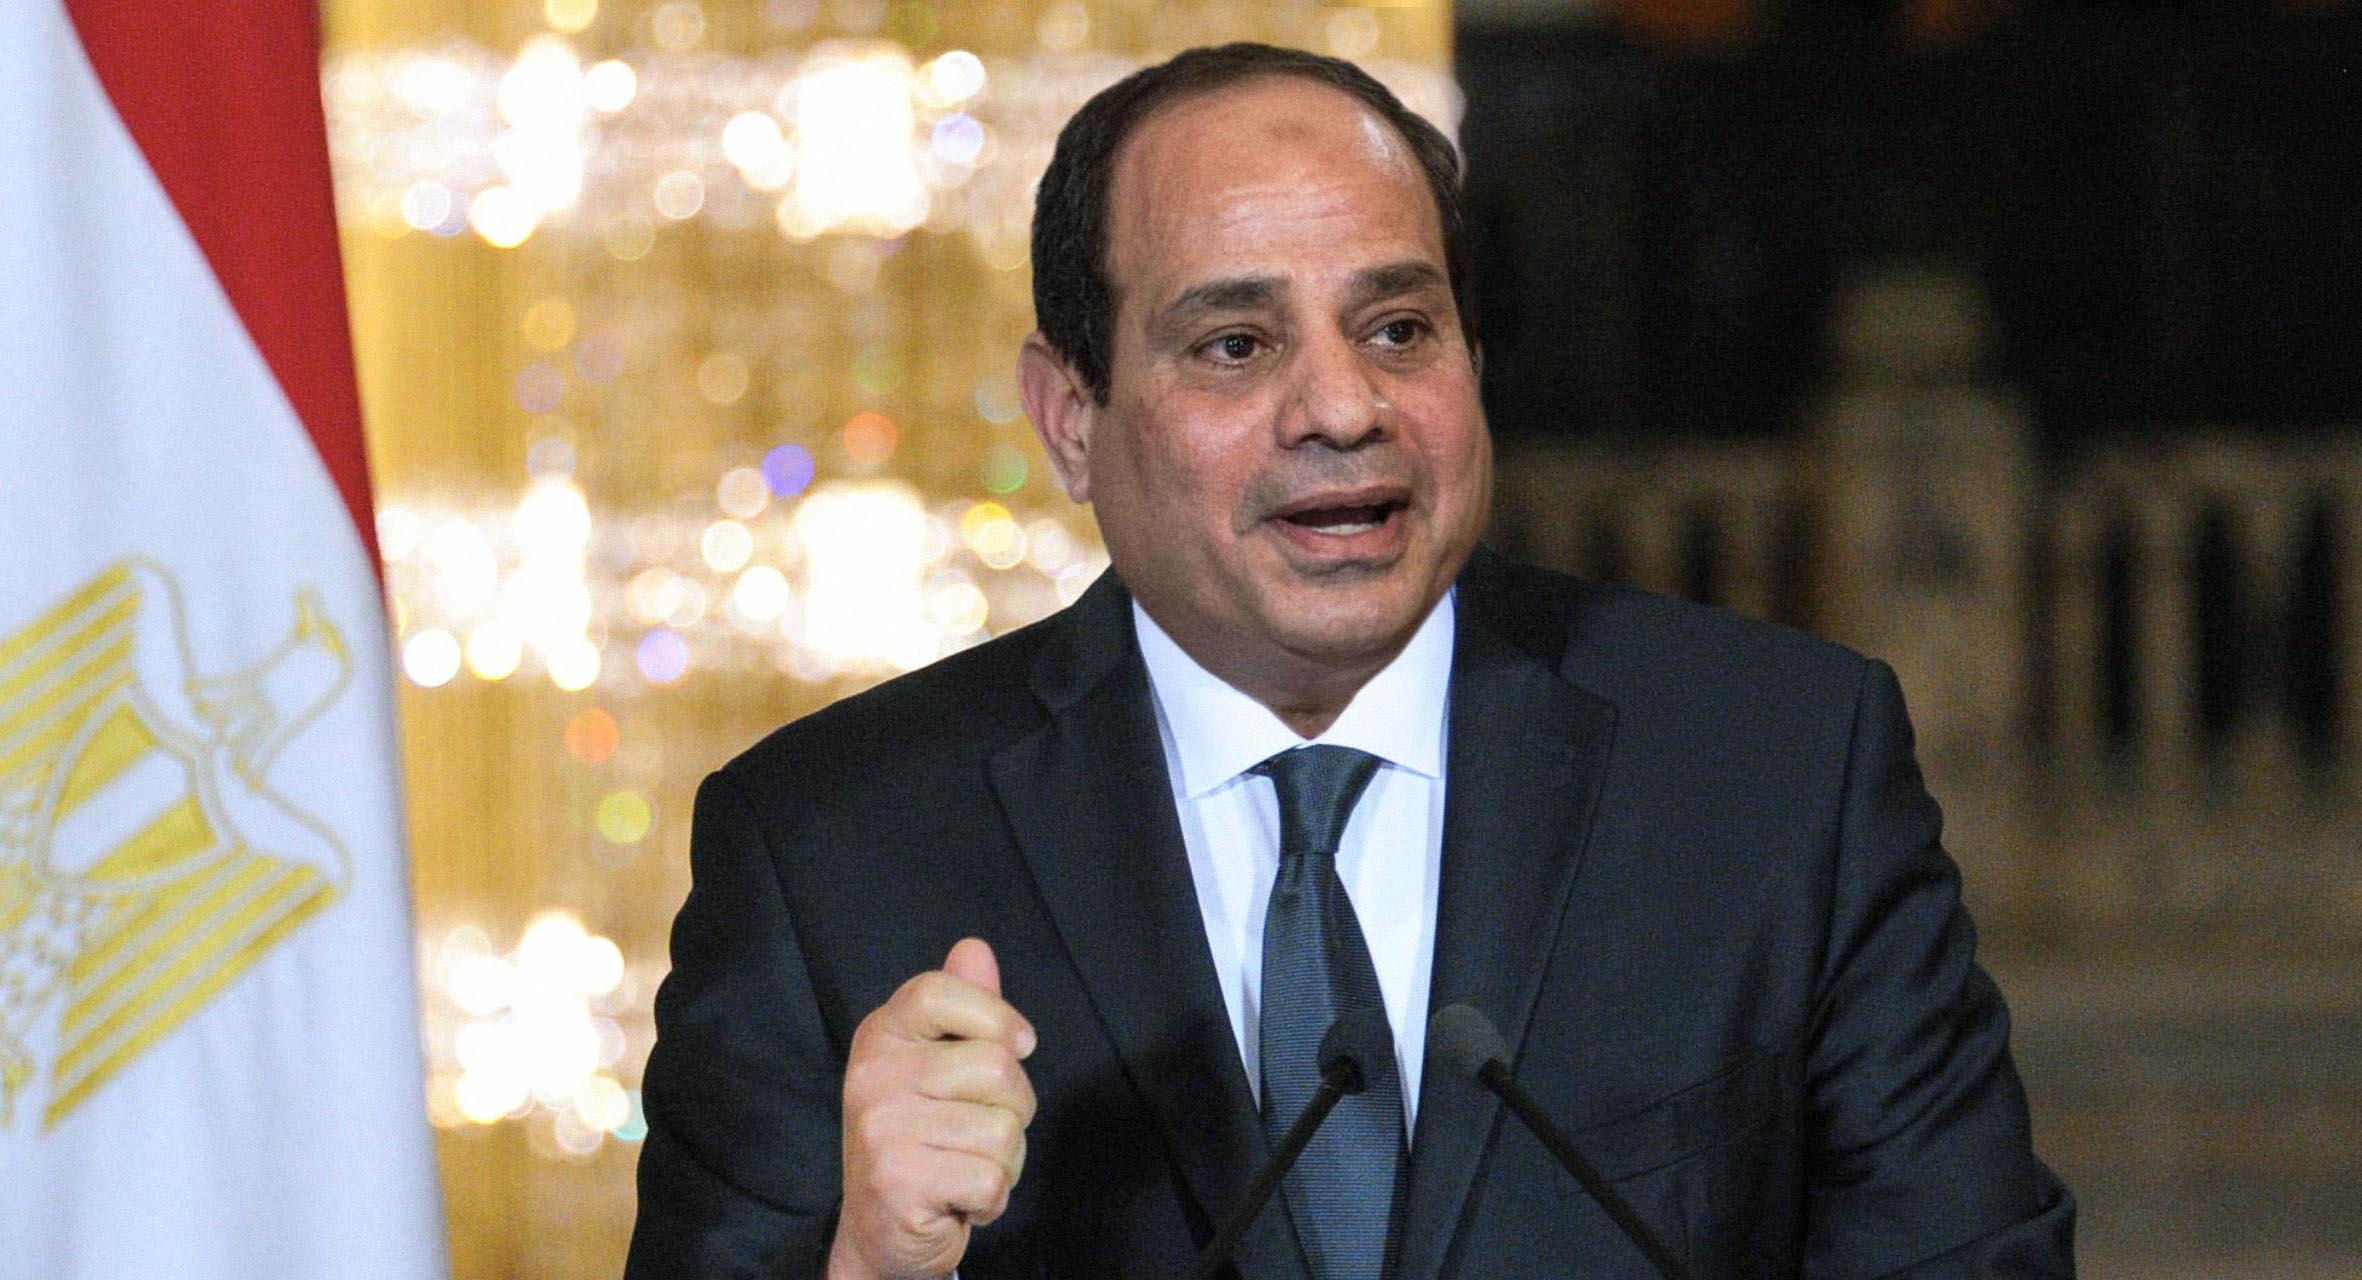 صورة السيسي يُطمئن المصريين أنّ الوضع الوبائي ممتاز لدرجة إمكانية الاستثمار فيه مادياً